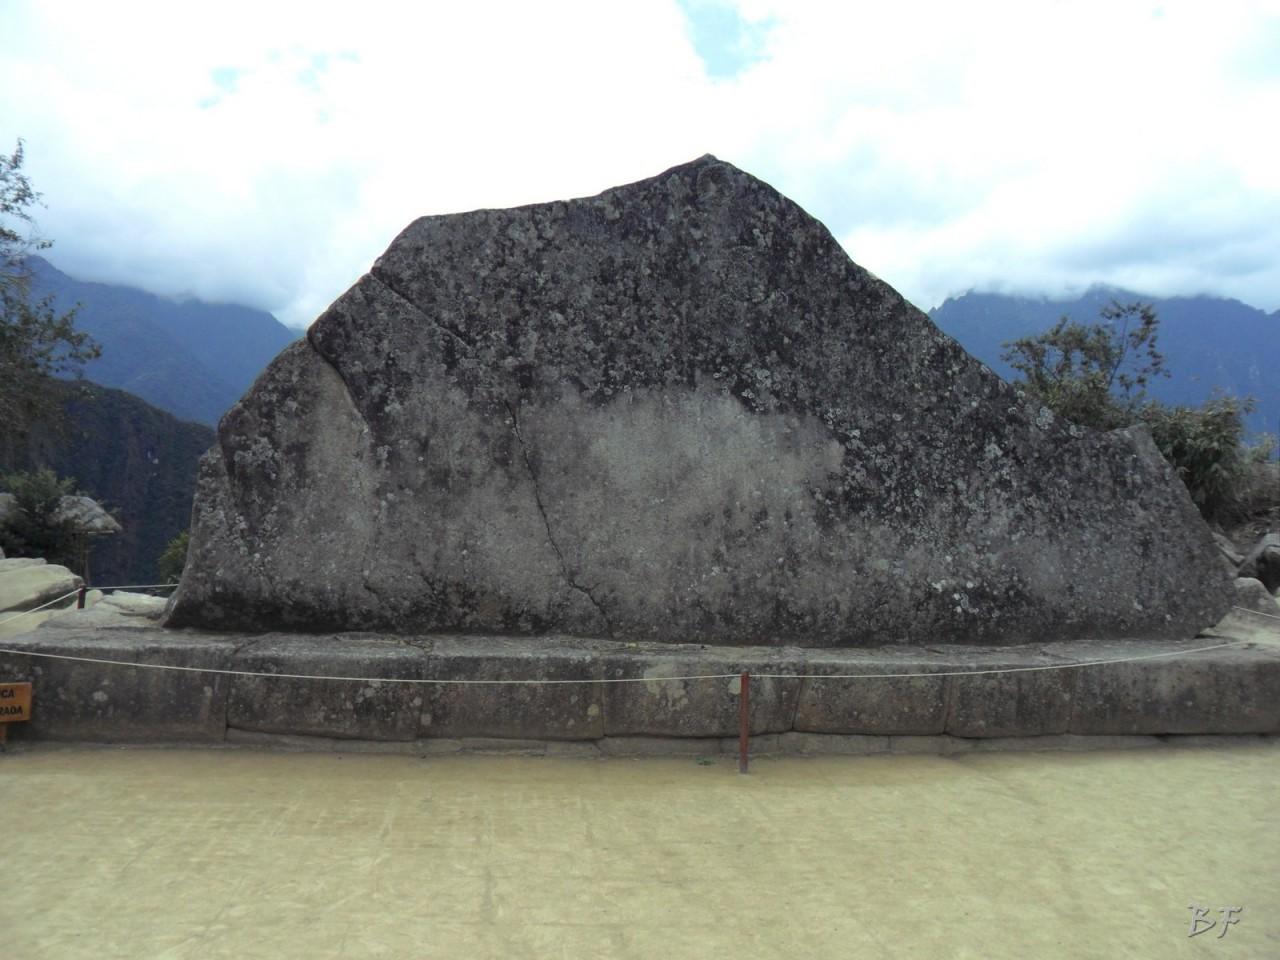 Mura-Poligonali-Incisioni-Altari-Edifici-Rupestri-Megaliti-Machu-Picchu-Aguas-Calientes-Urubamba-Cusco-Perù-127